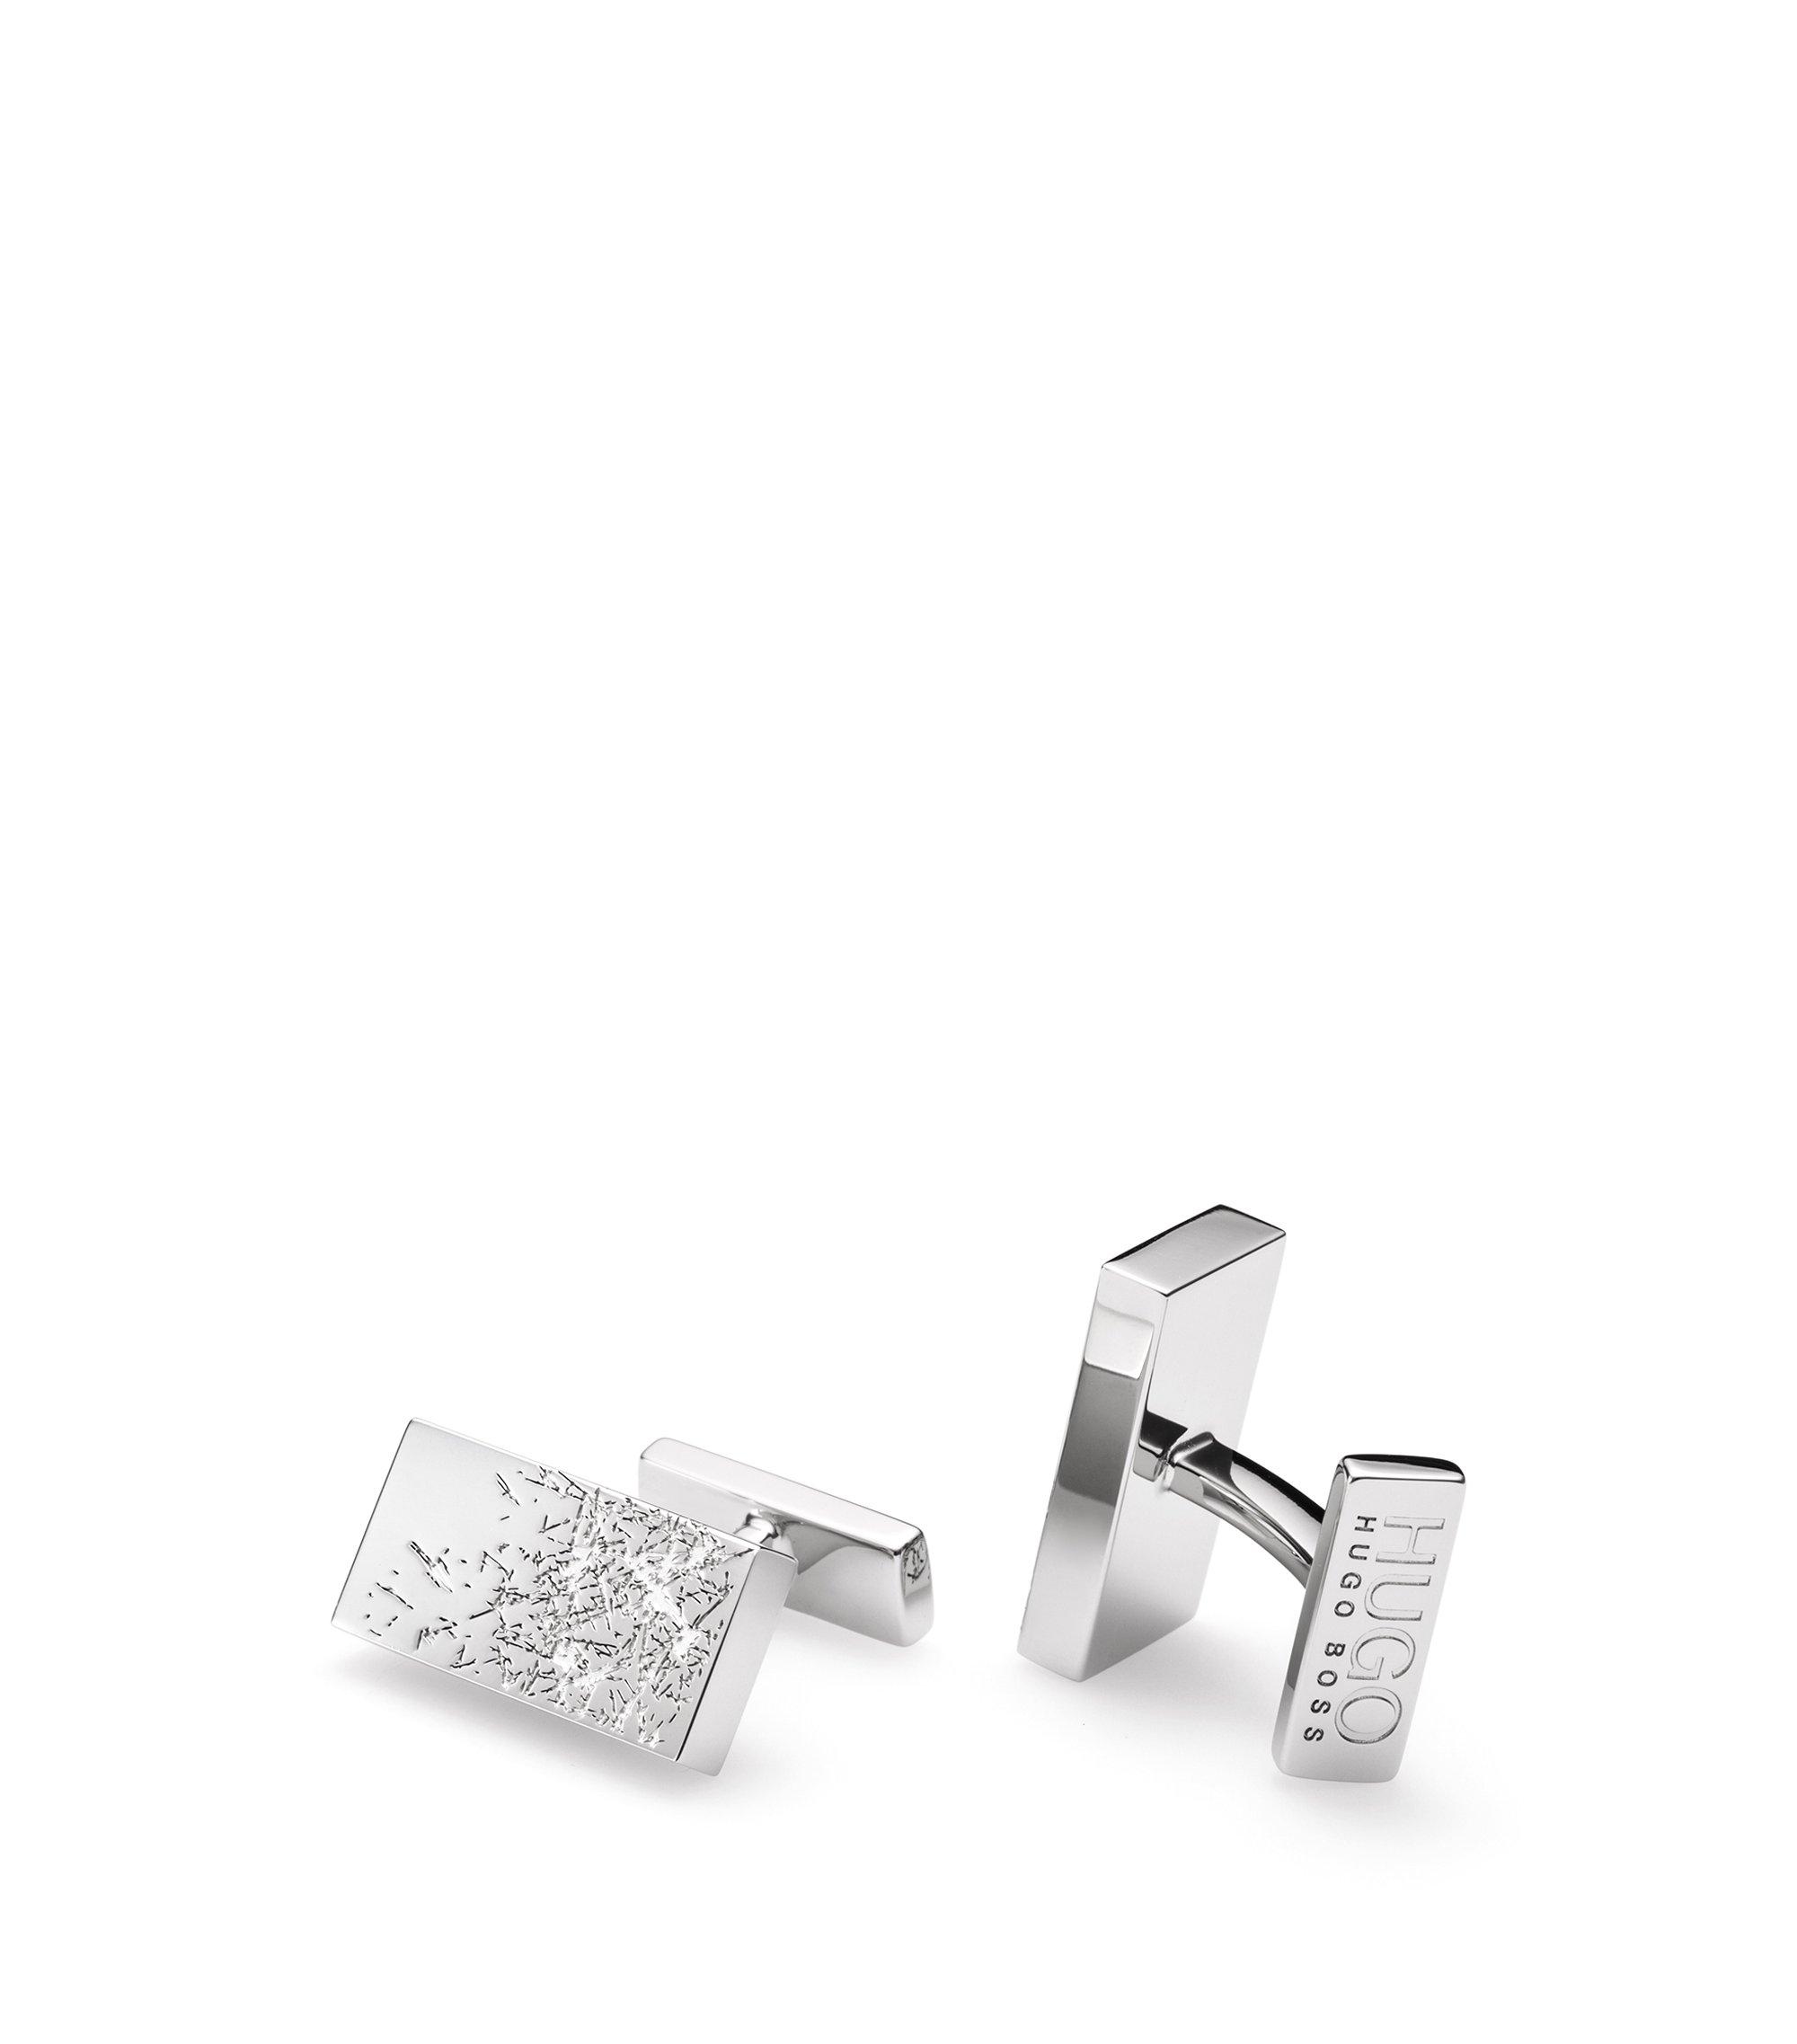 Rechthoekige manchetknopen van messing met krasaccenten, Zilver